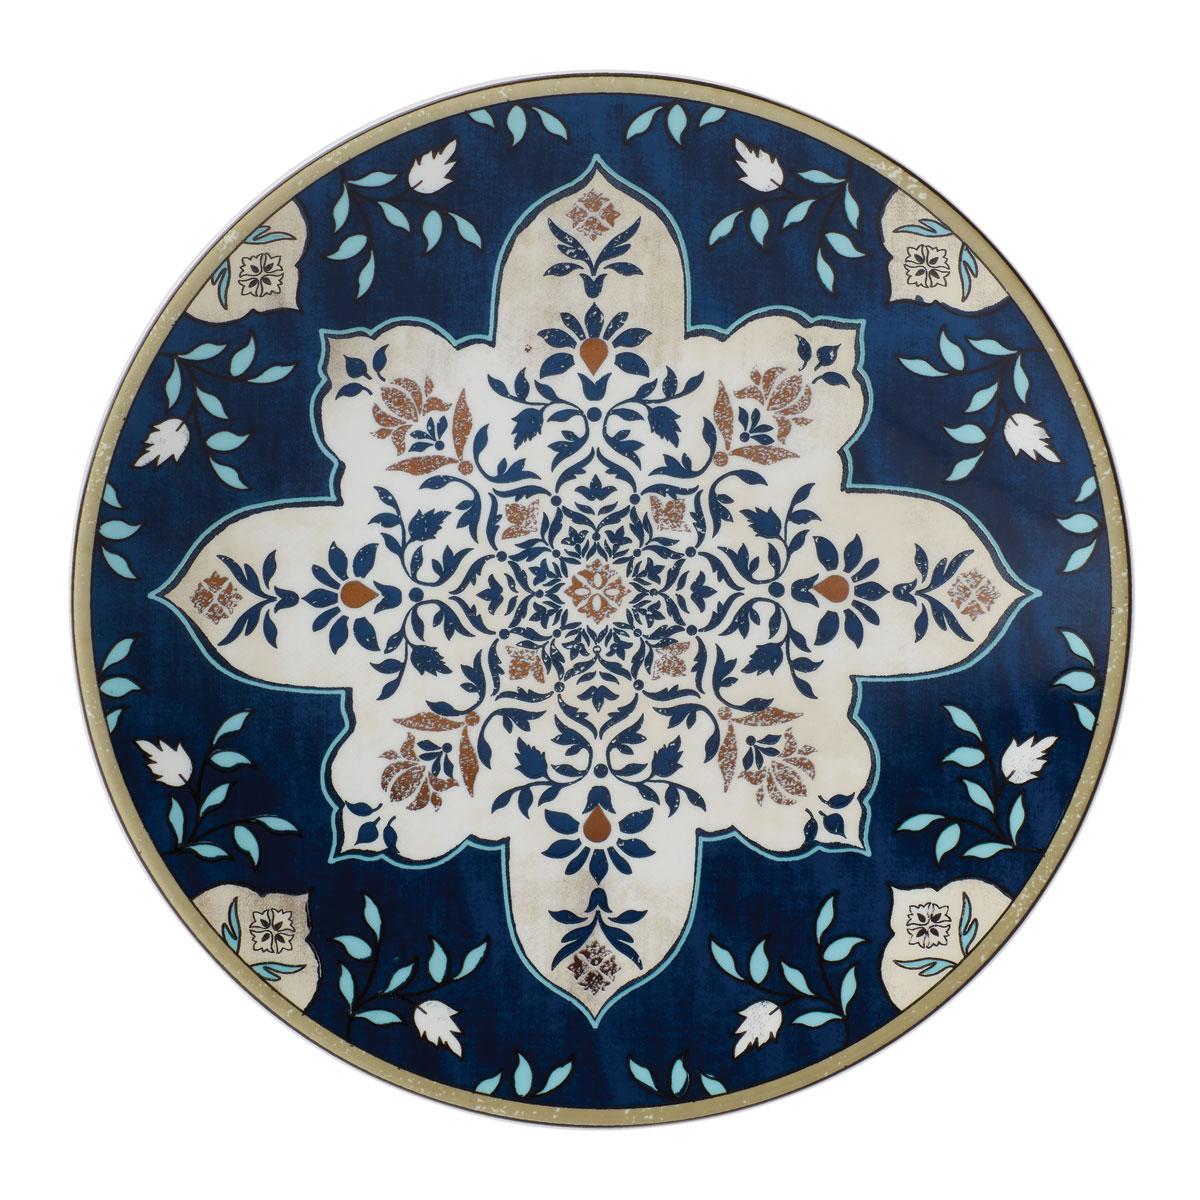 Lenox Global Tapestry Sap Mandala Dinnerware Accent Plate, Single